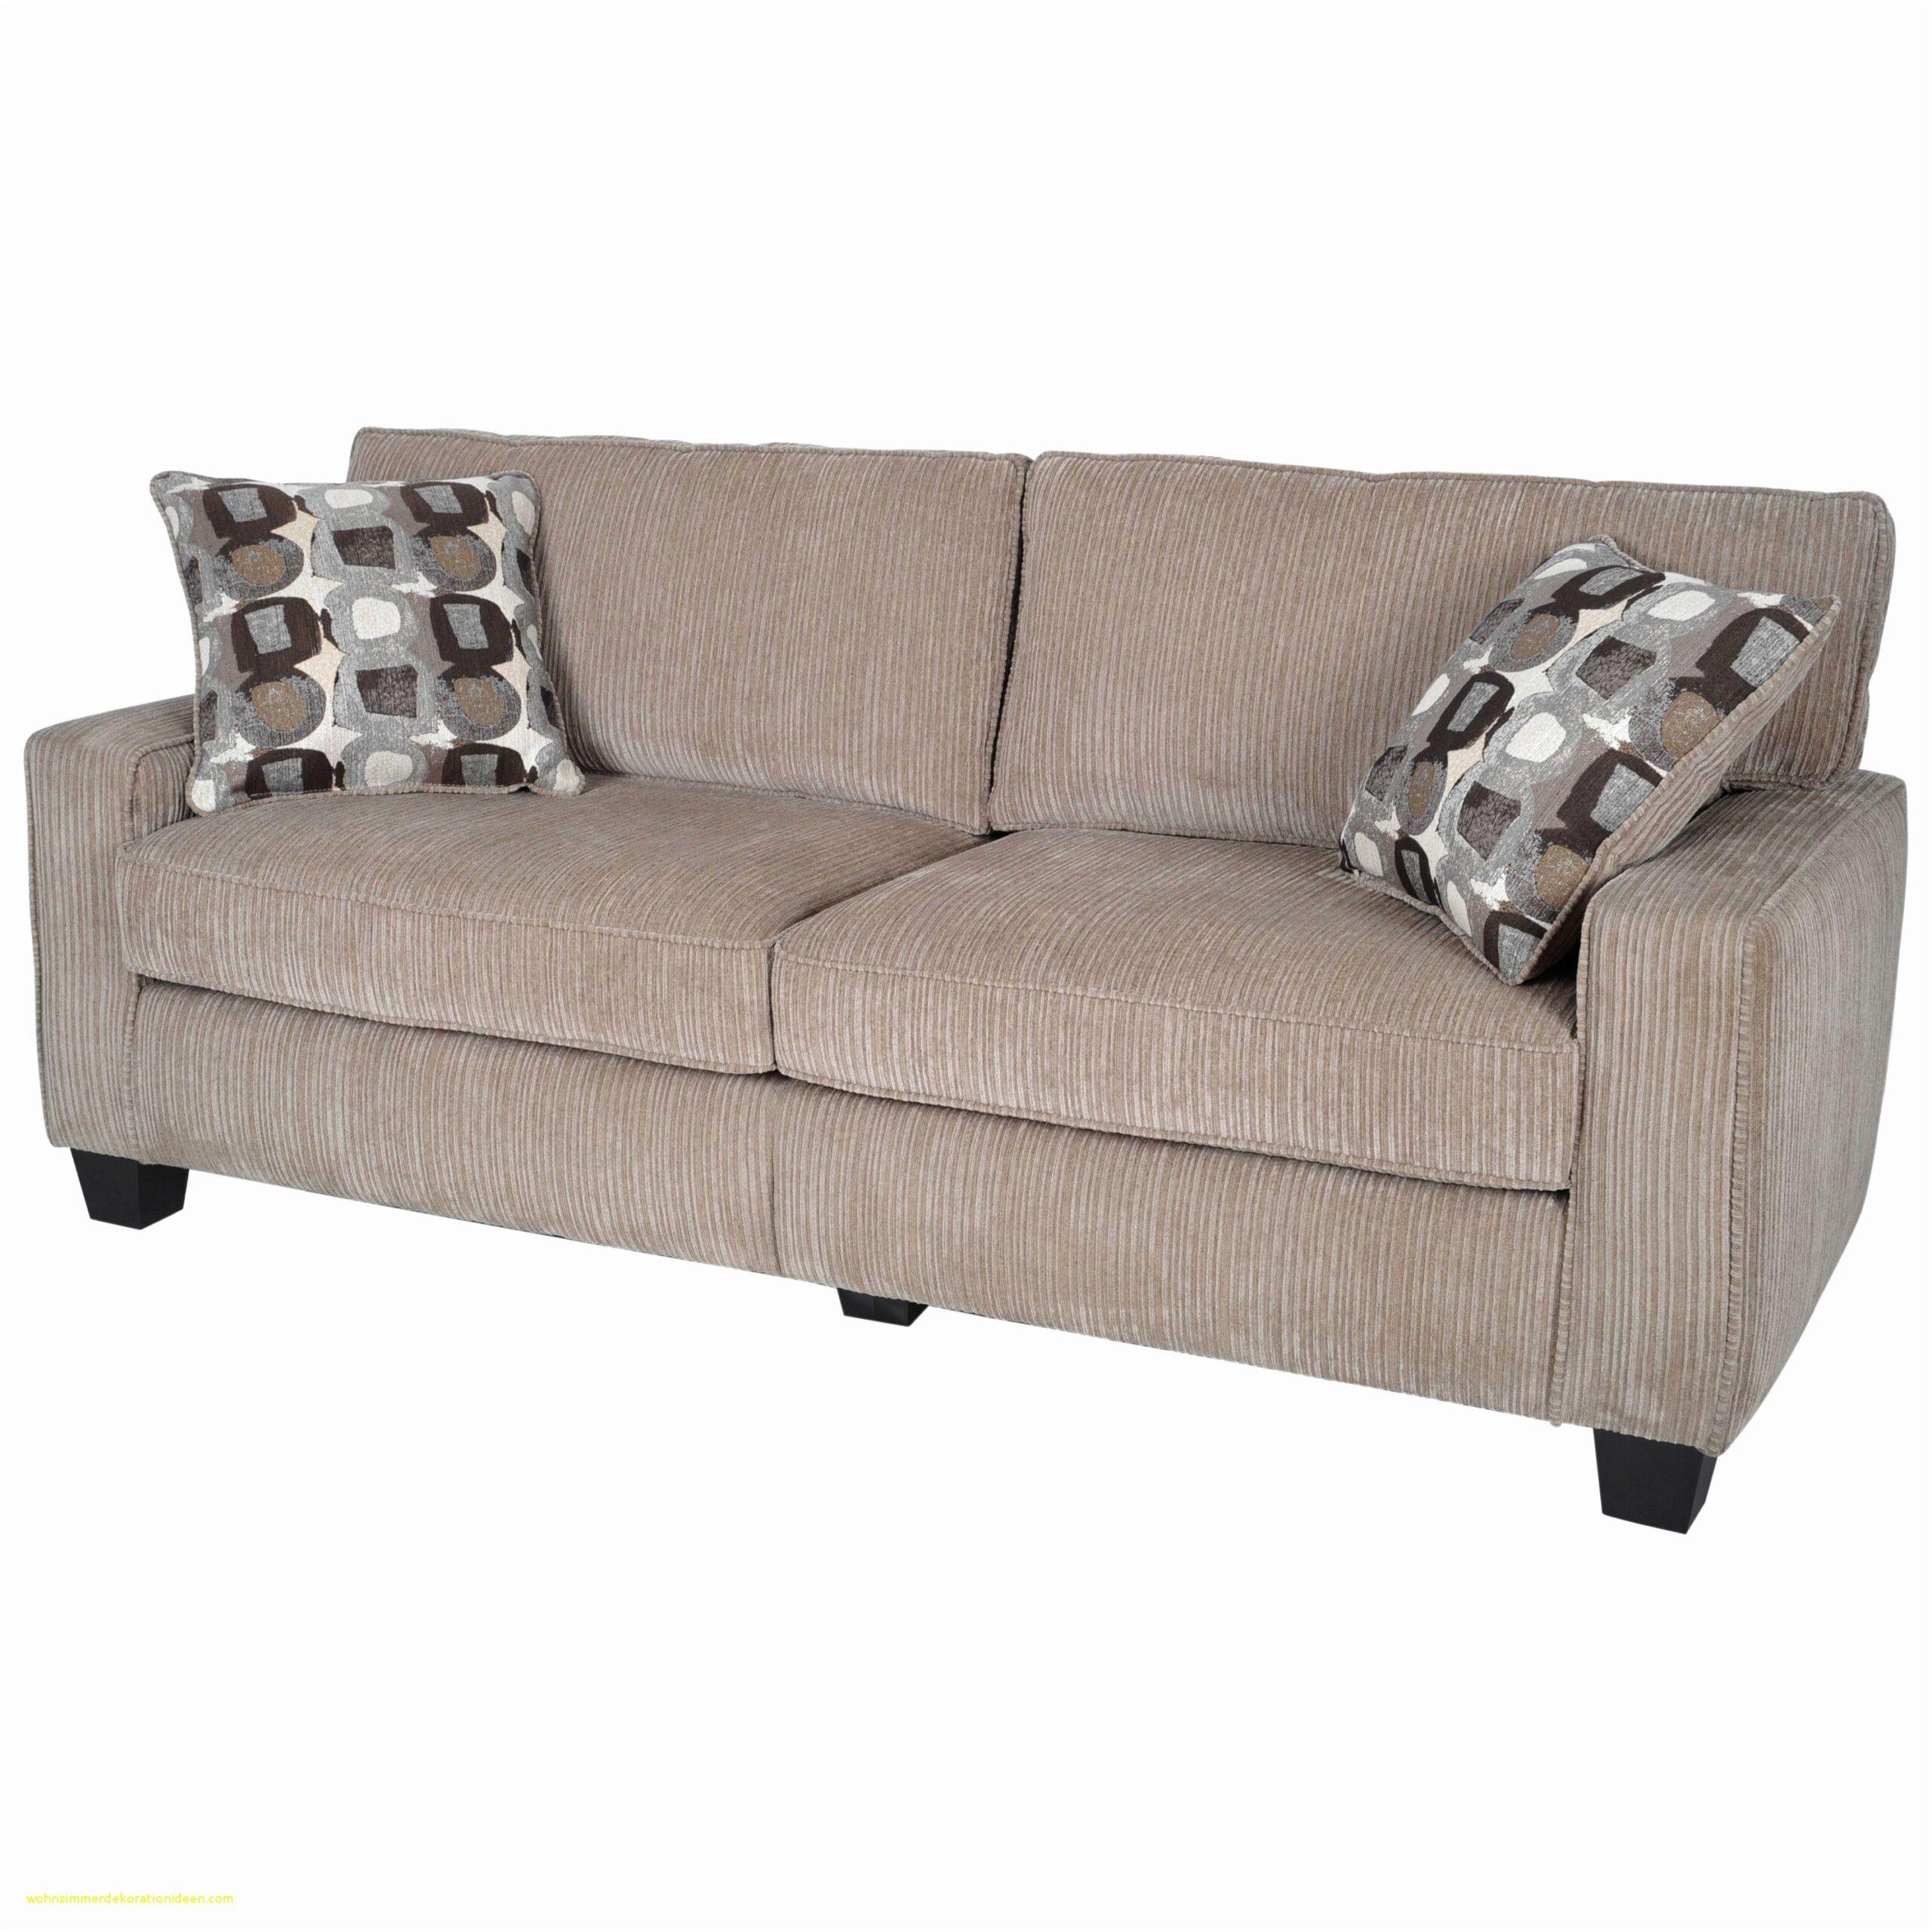 Full Size of Ikea Sofa Mit Schlaffunktion Couch Best Boxen Konfigurator Betten Bei Federkern Poco Big Auf Raten 3 Teilig Bett Schubladen Recamiere Canape Sitzer Sofa Ikea Sofa Mit Schlaffunktion